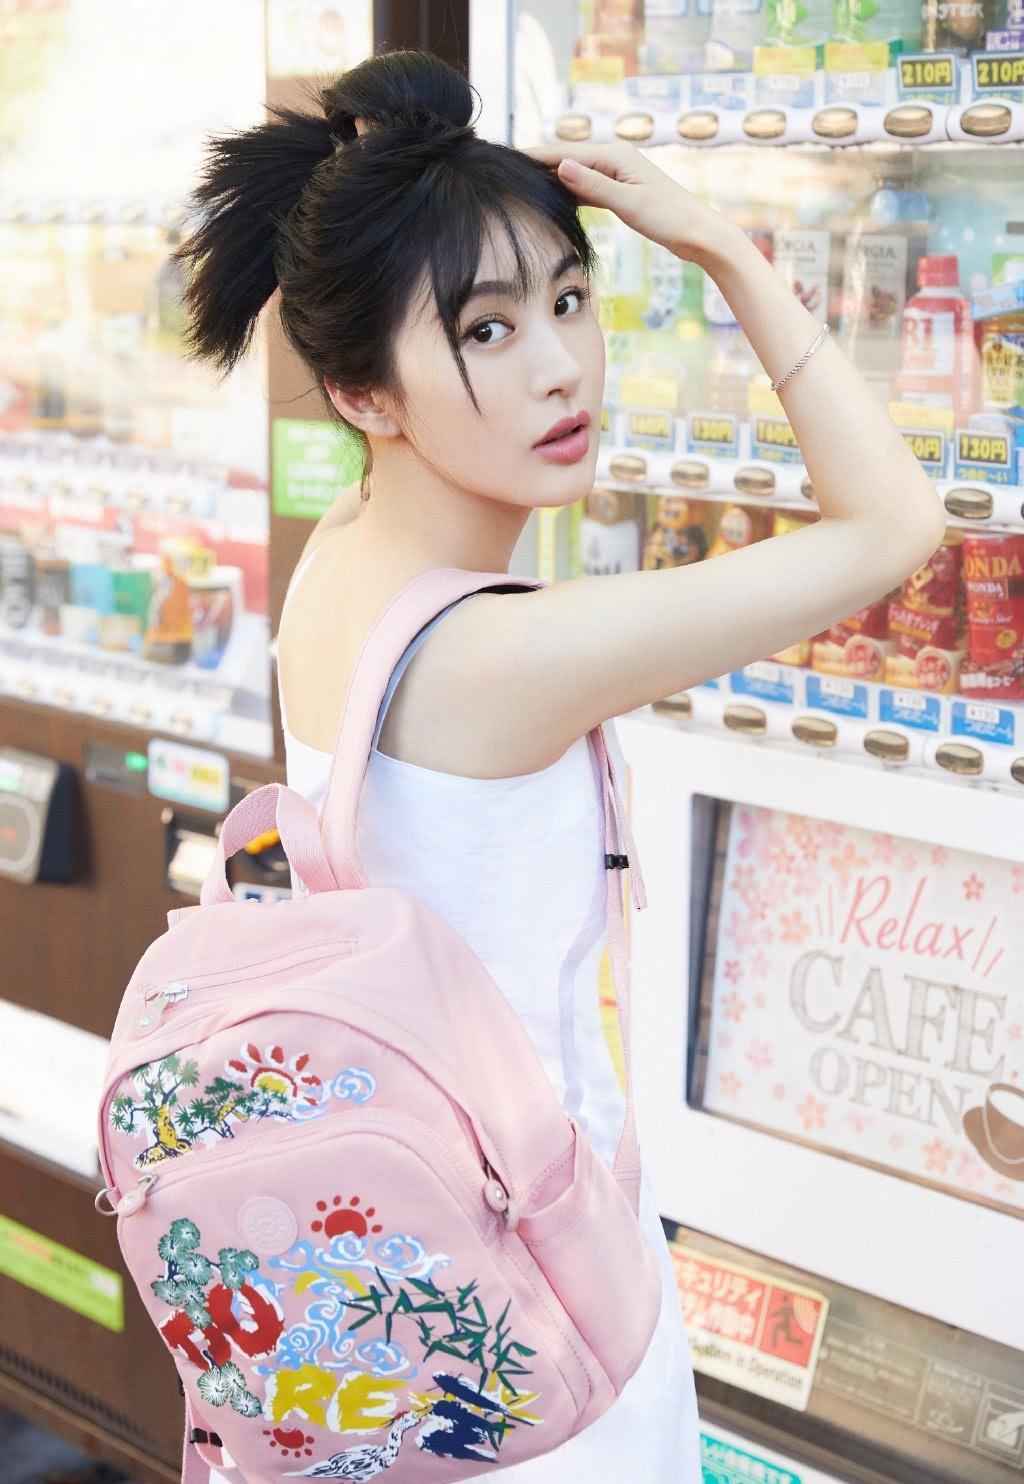 黄晓明版《鹿鼎记》她演曾柔,穿吊带裙背粉色书包,嫩成高中生了